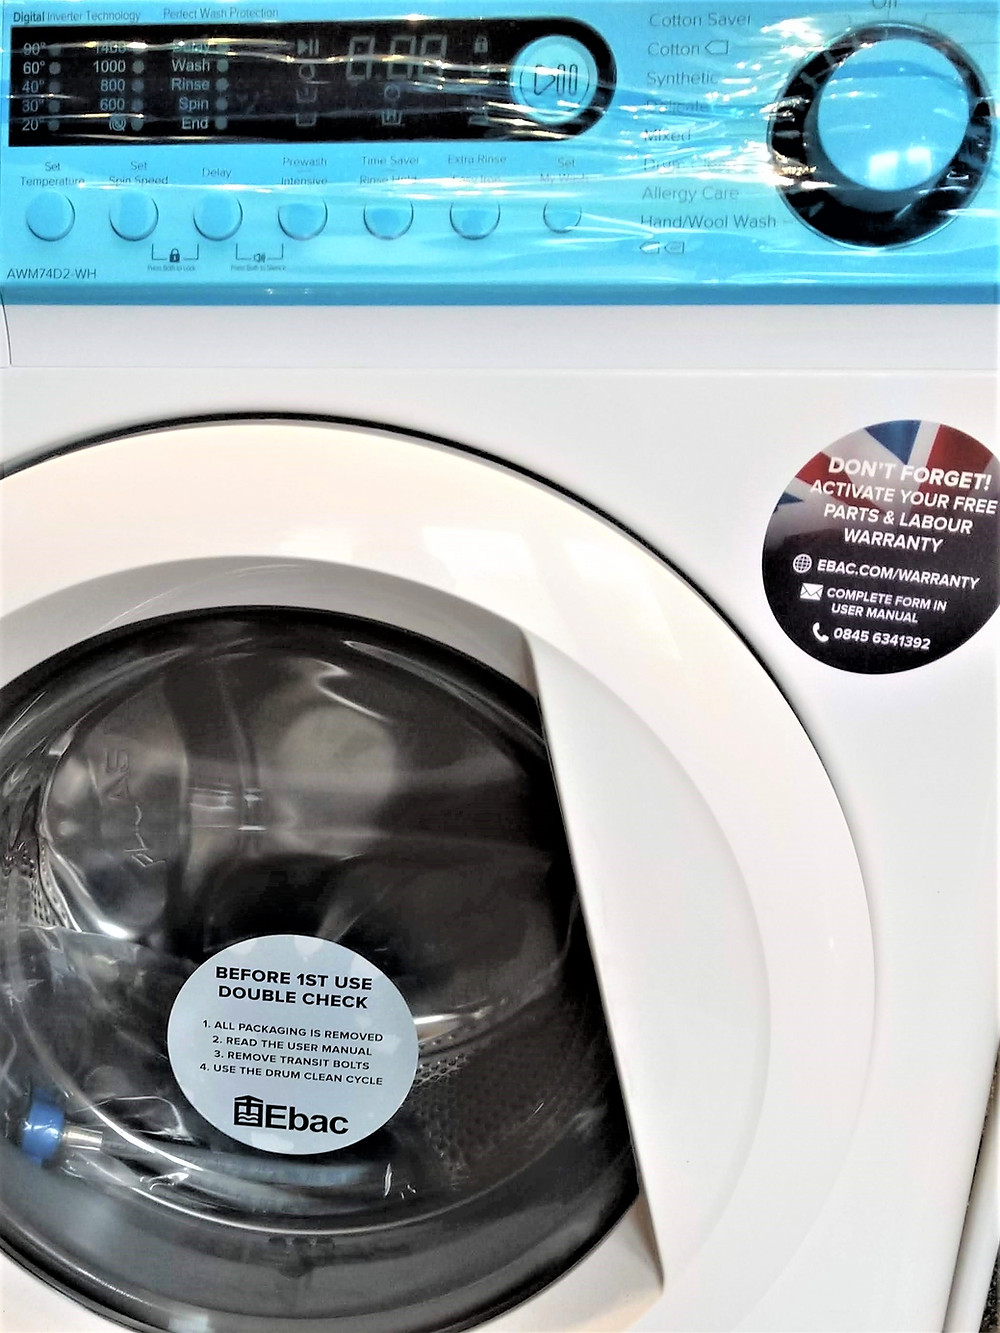 Buy British Made washing machines